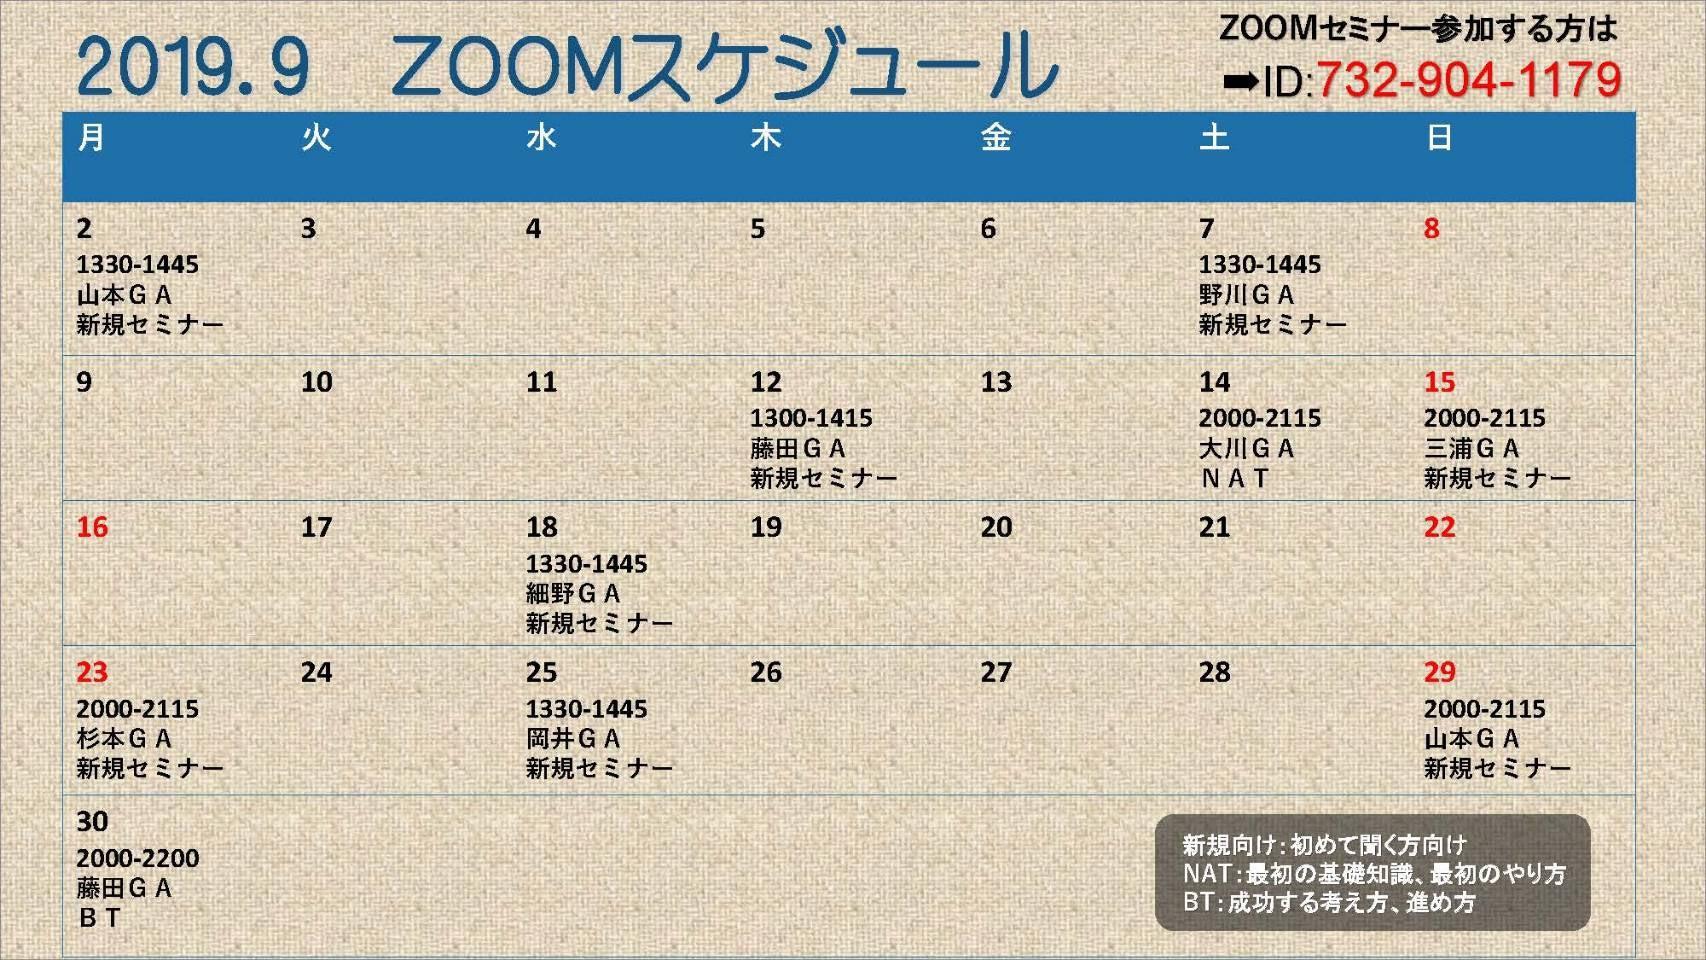 ZOOMセミナー9月スケジュール